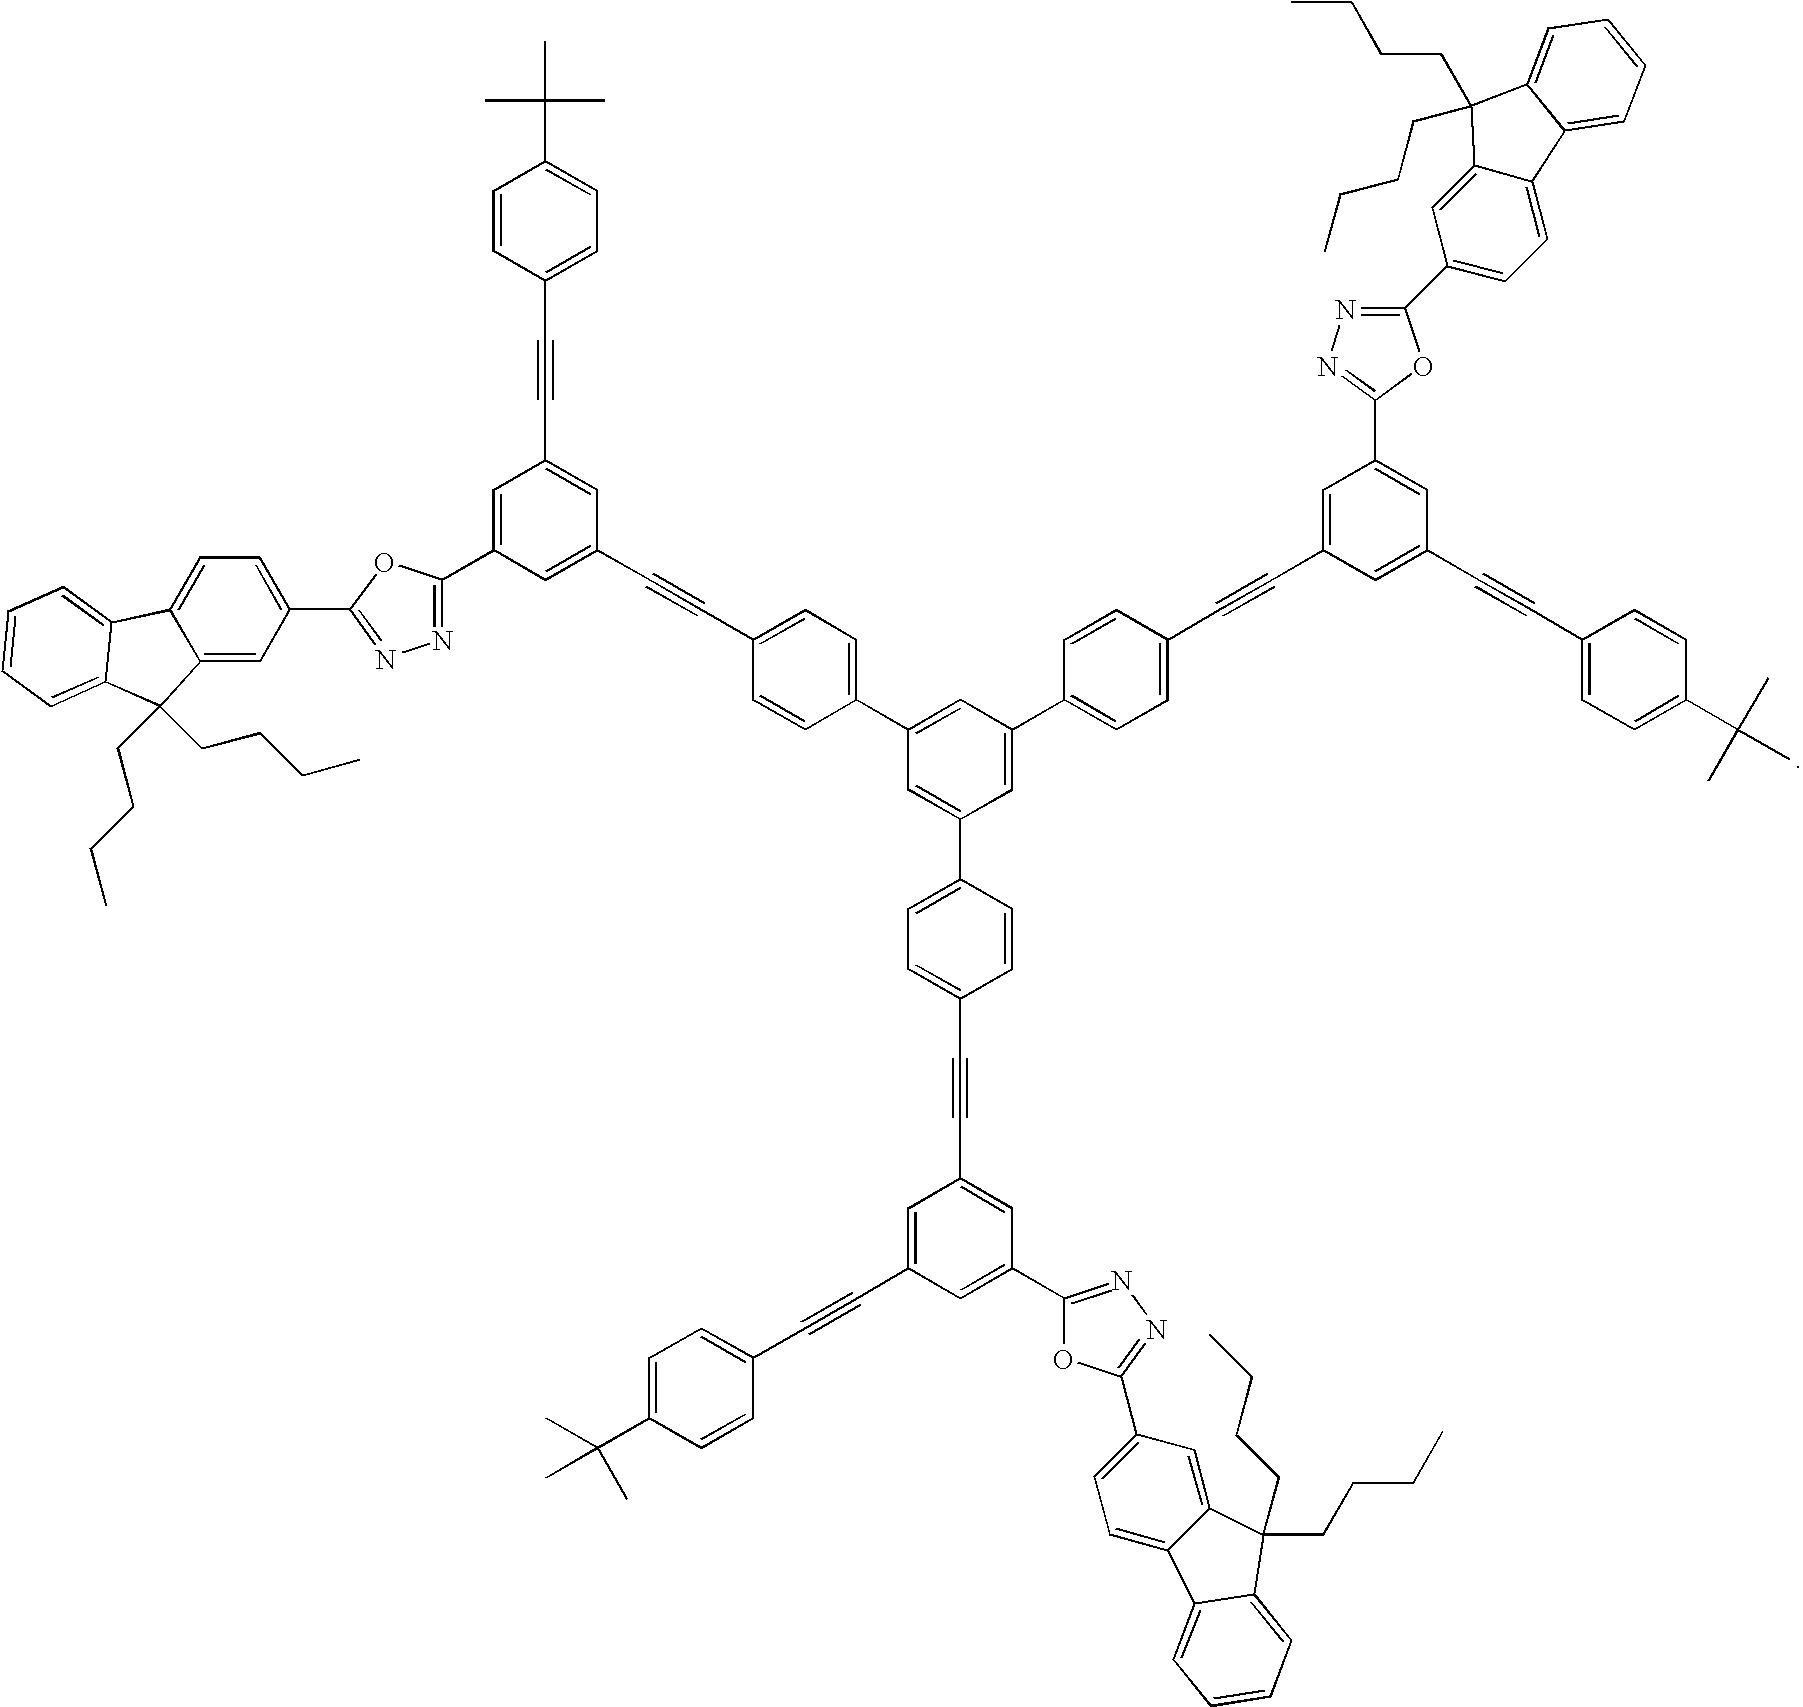 Figure US20070107835A1-20070517-C00041